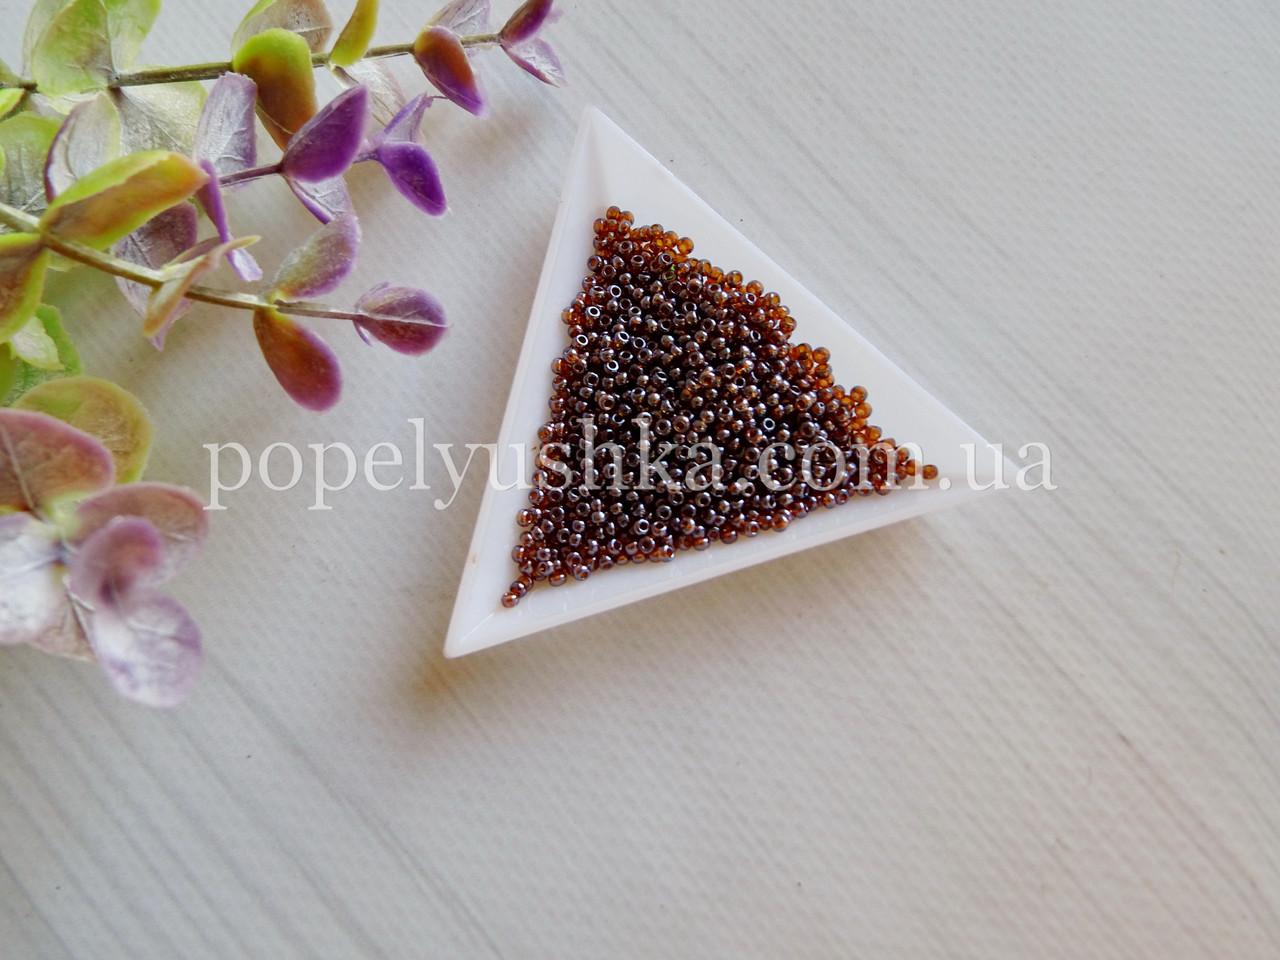 Бісер чеський Коричневий з фіолетовим відтінком (10 г)